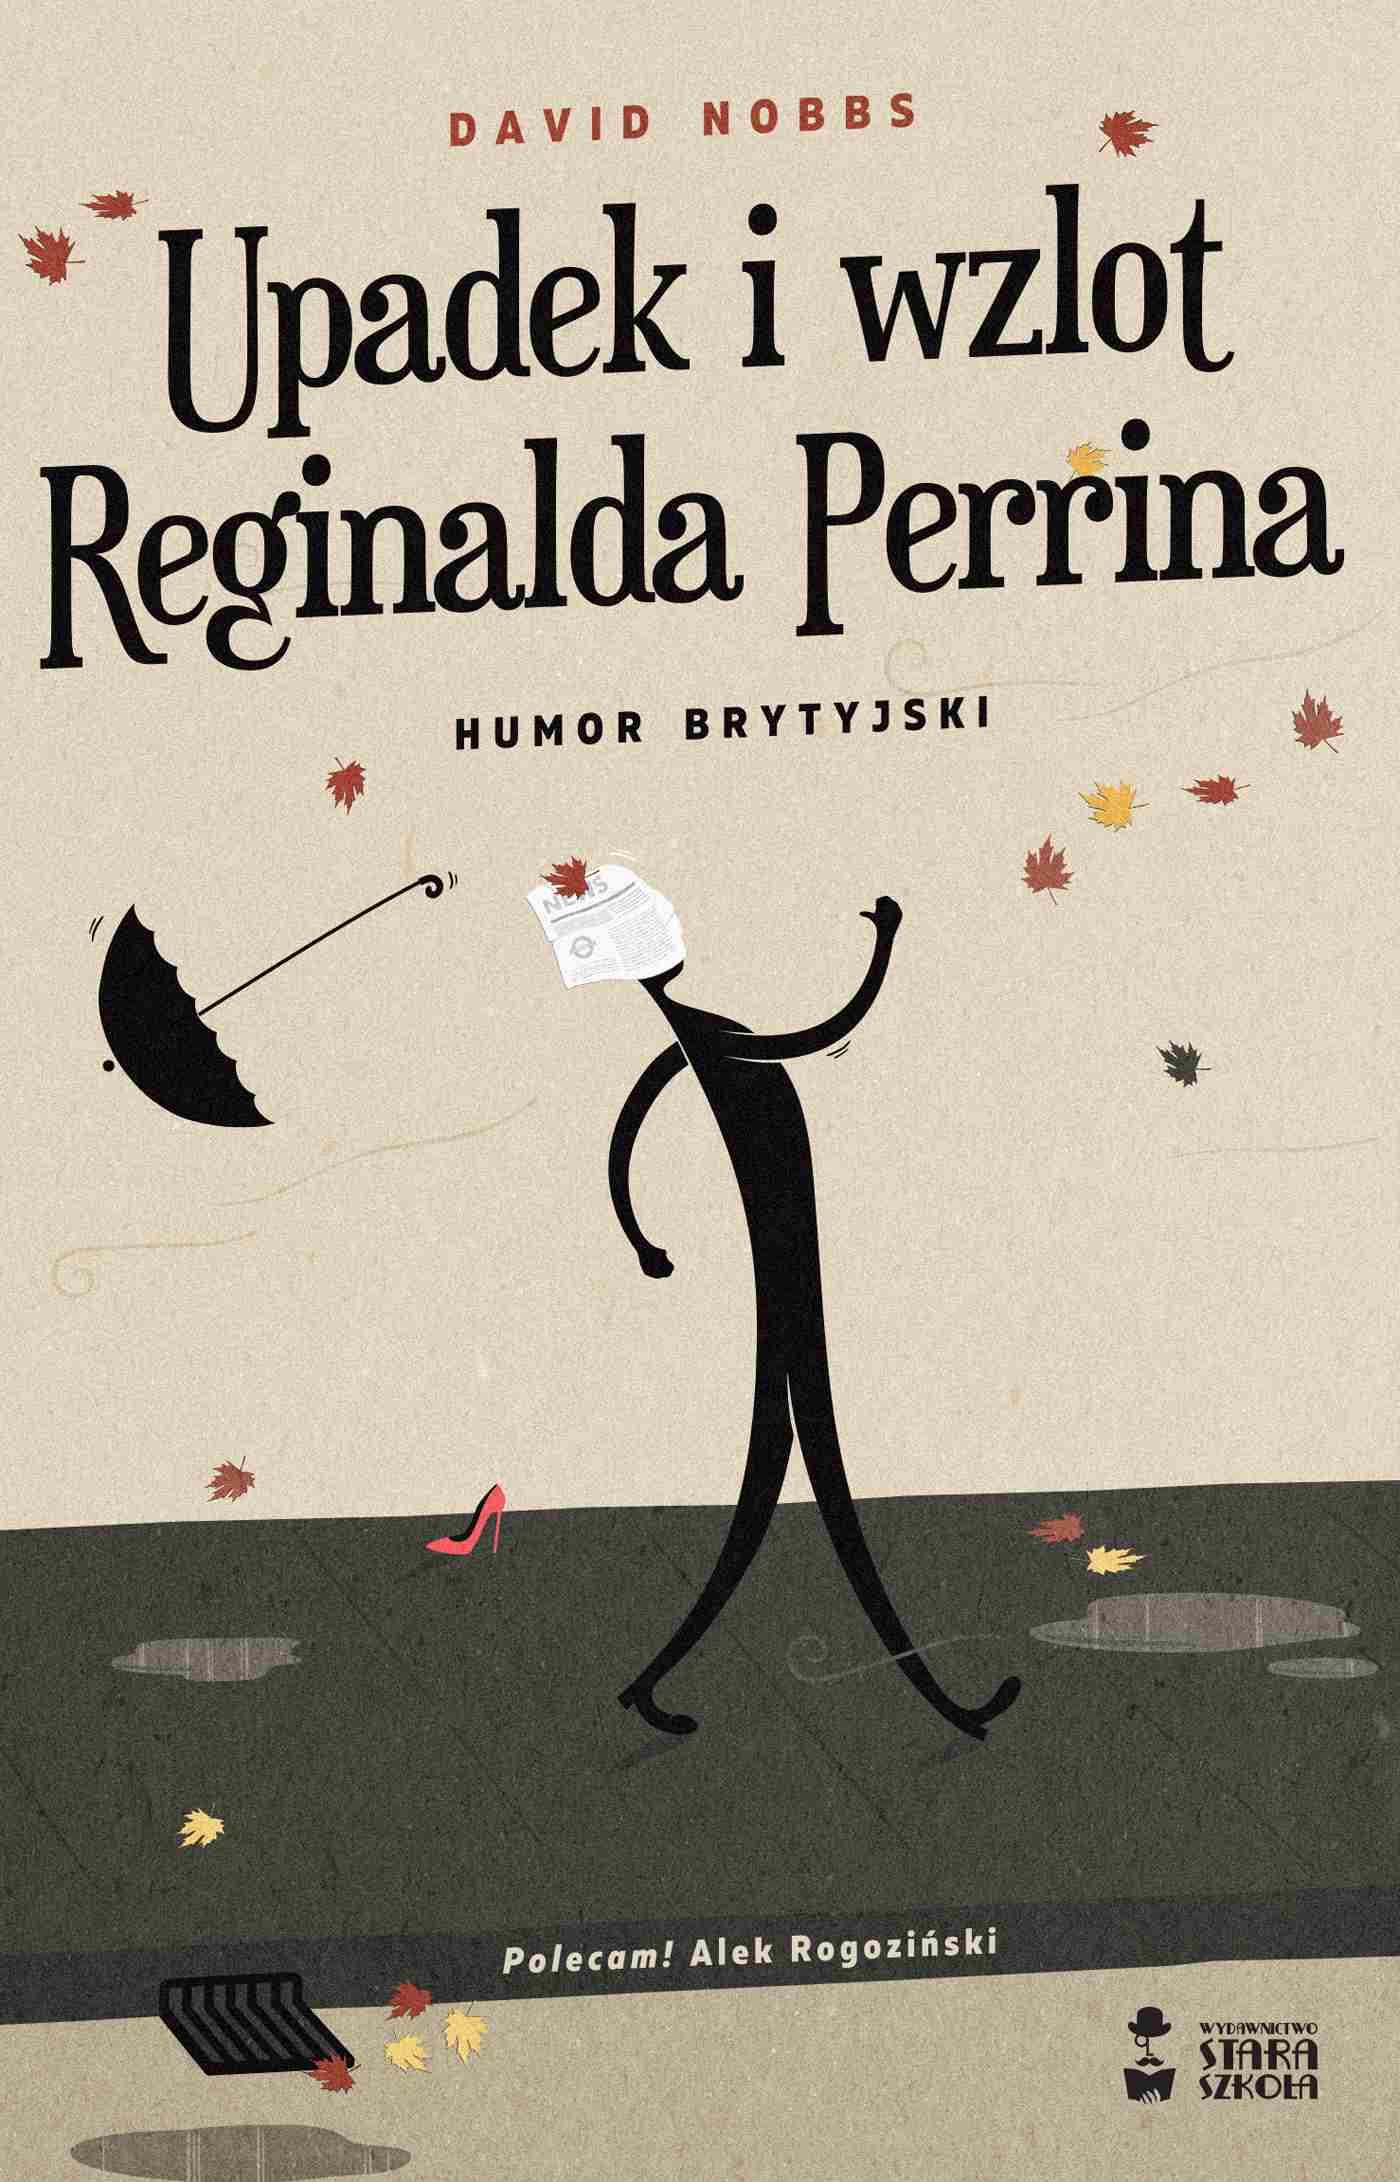 Upadek i wzlot Reginalda Perrina - Ebook (Książka EPUB) do pobrania w formacie EPUB